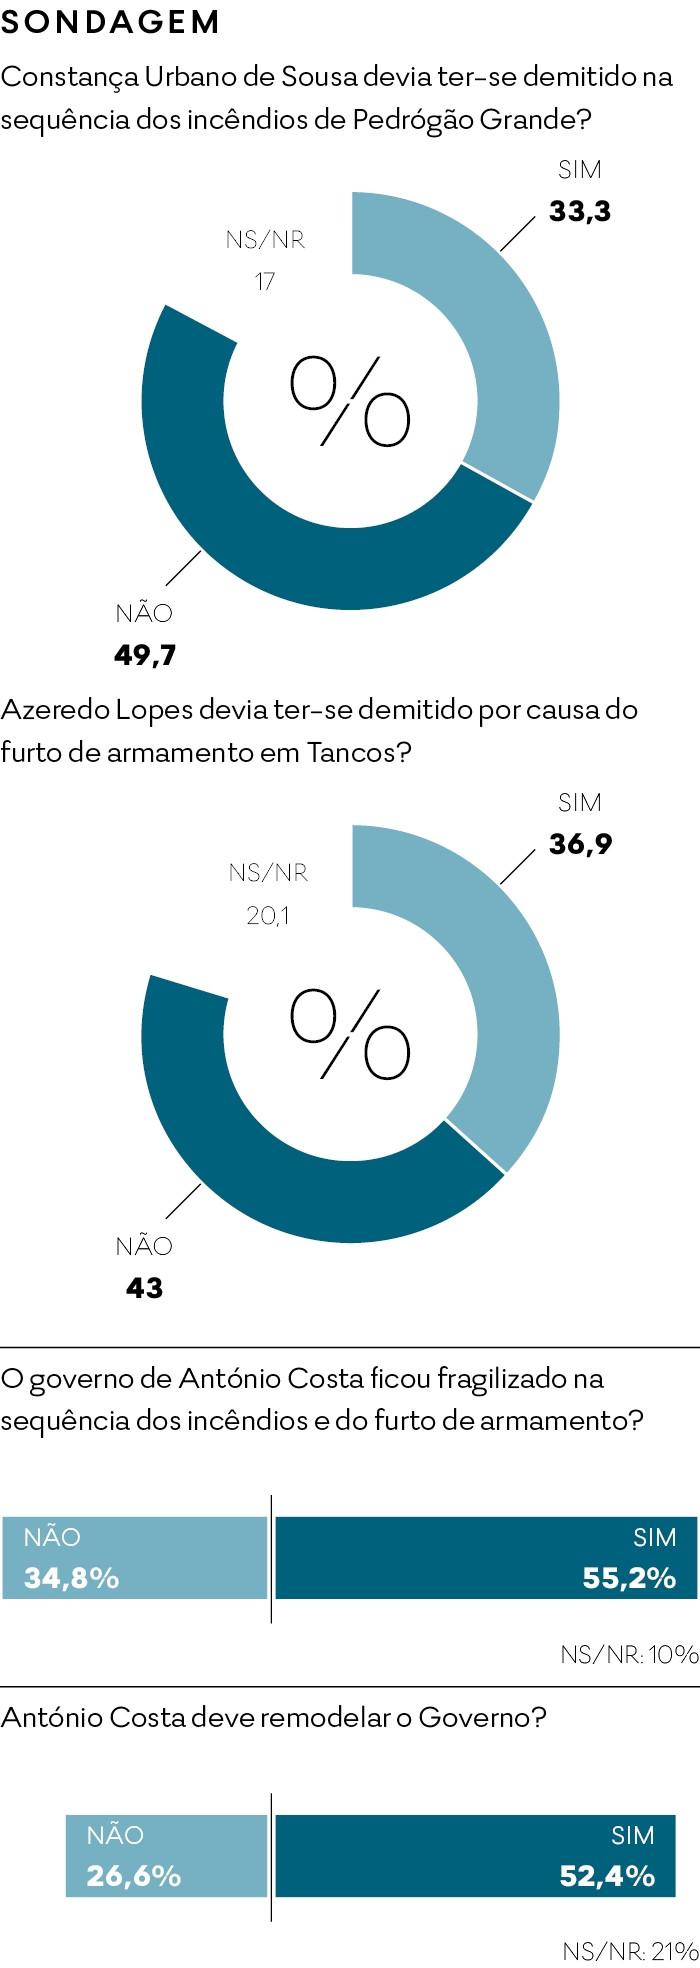 sondagem1